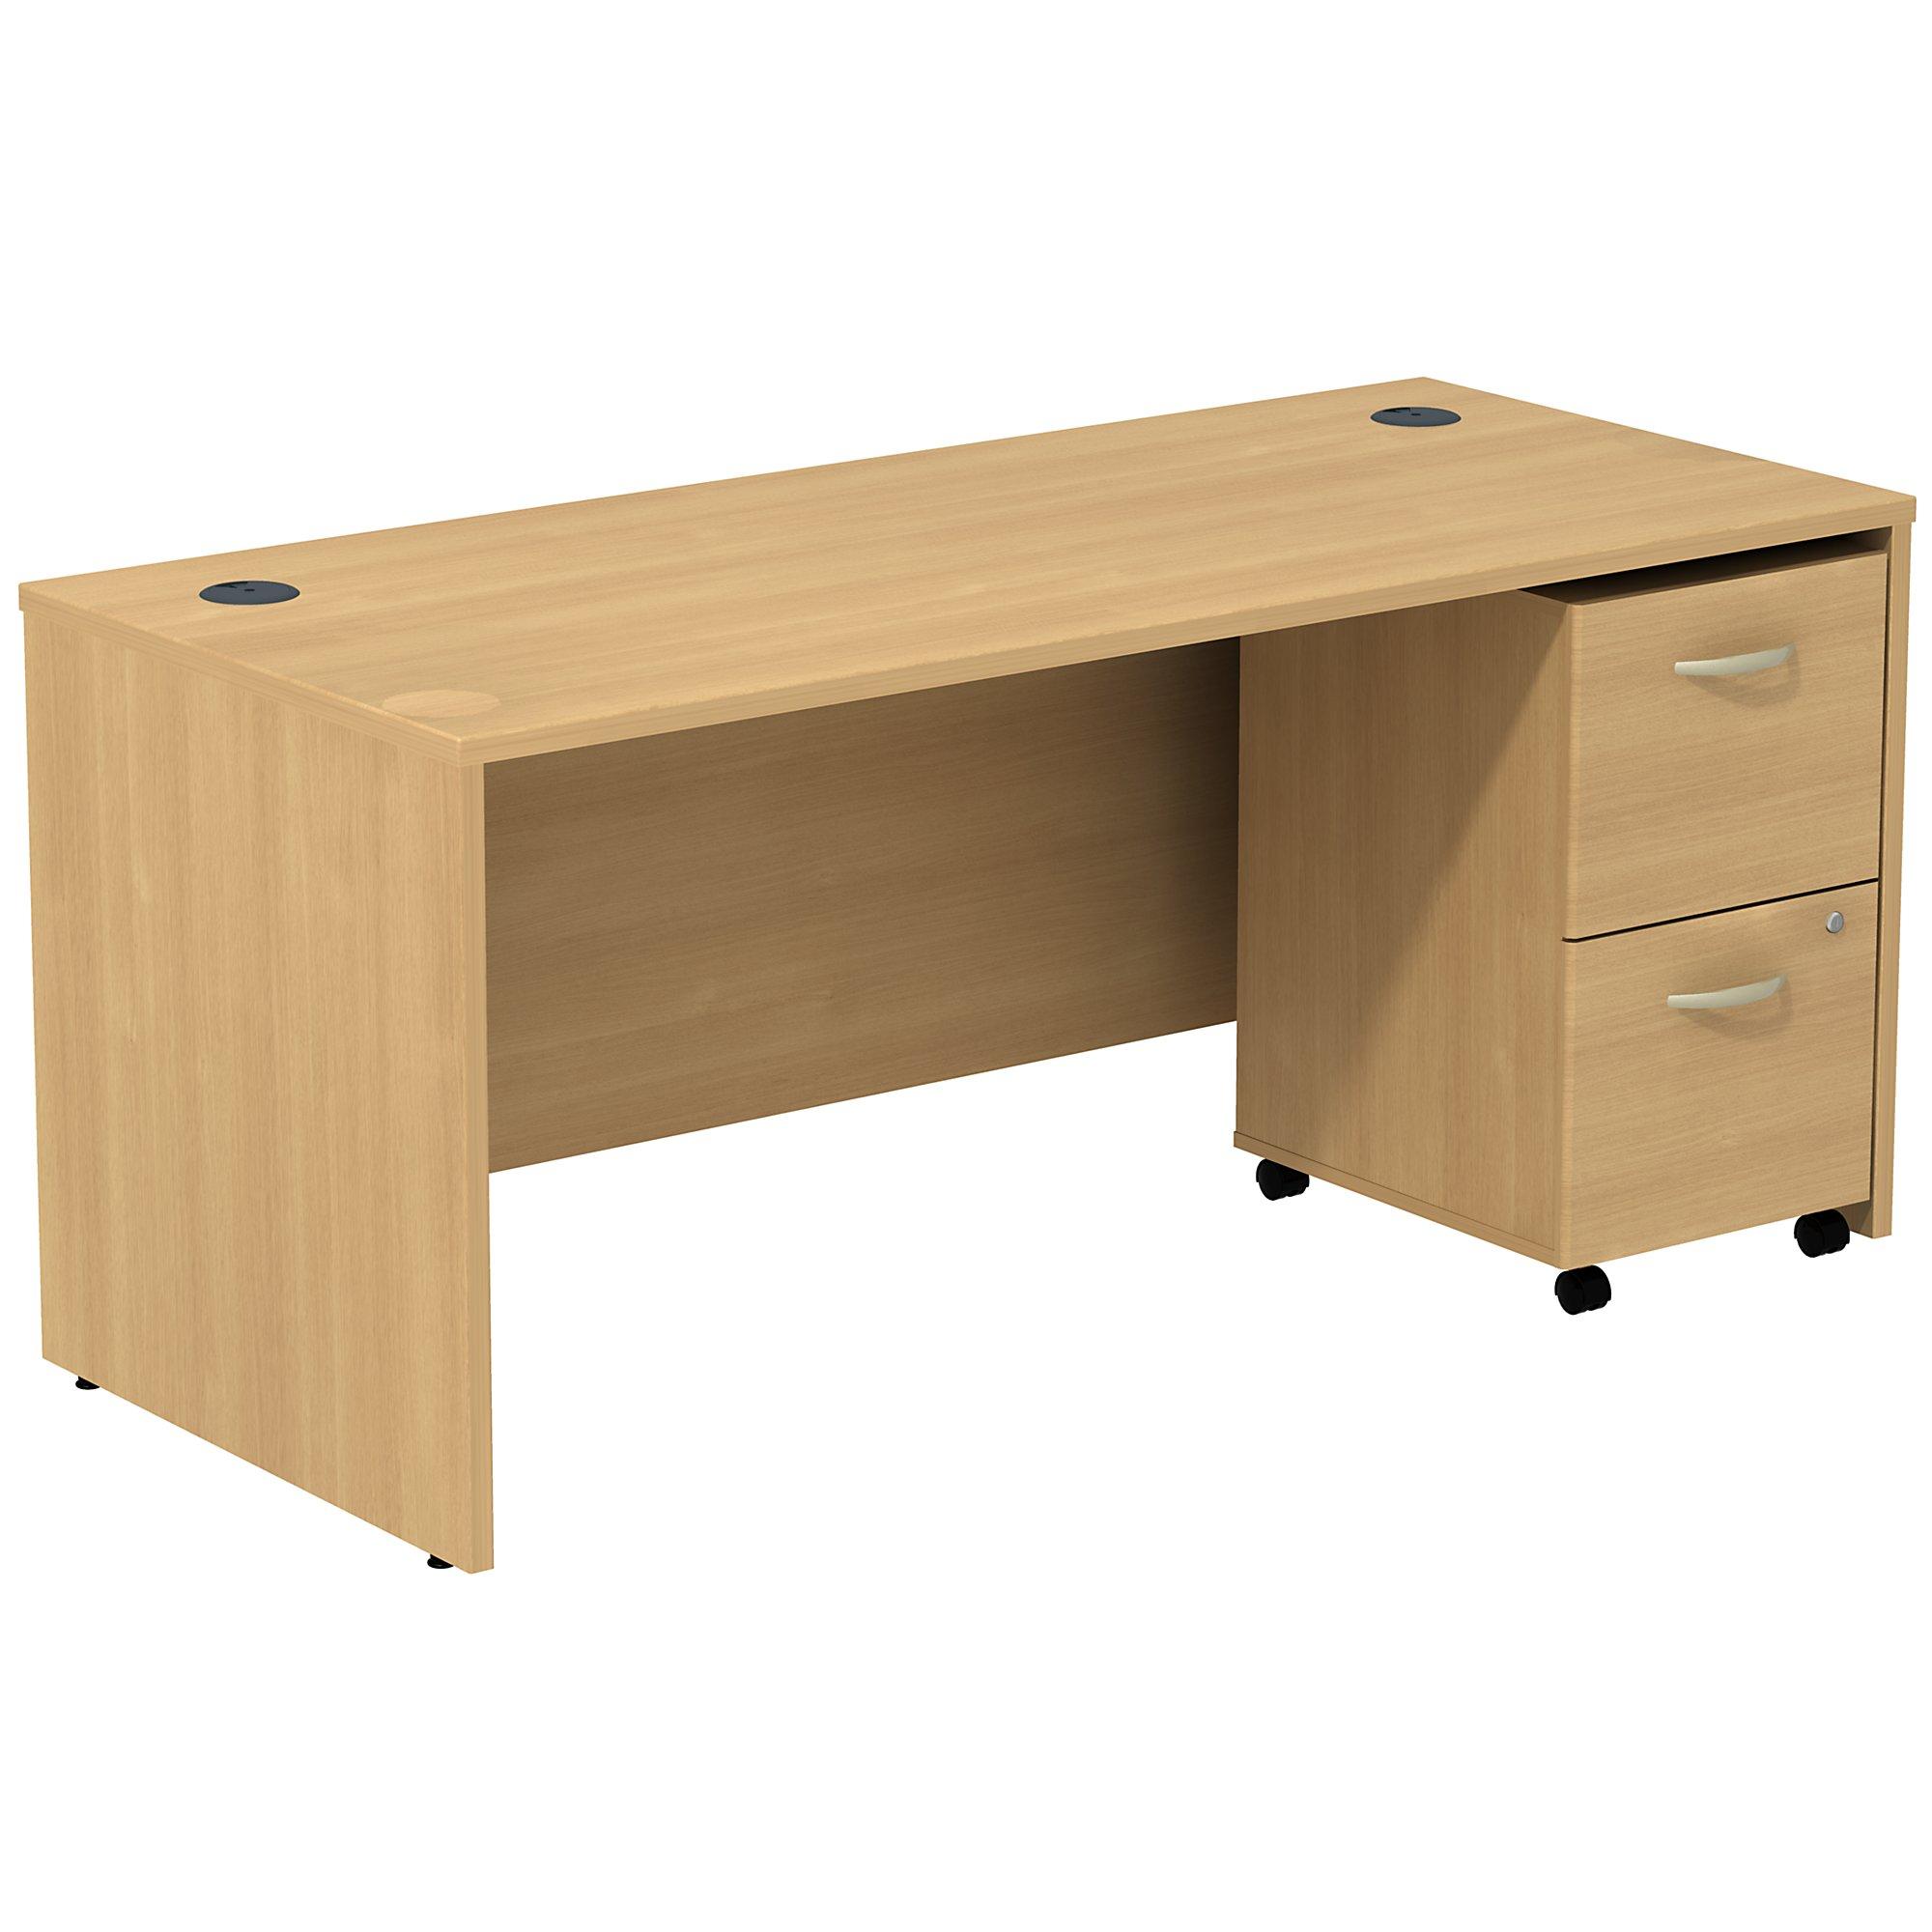 light oak series c desk with mobile pedestal